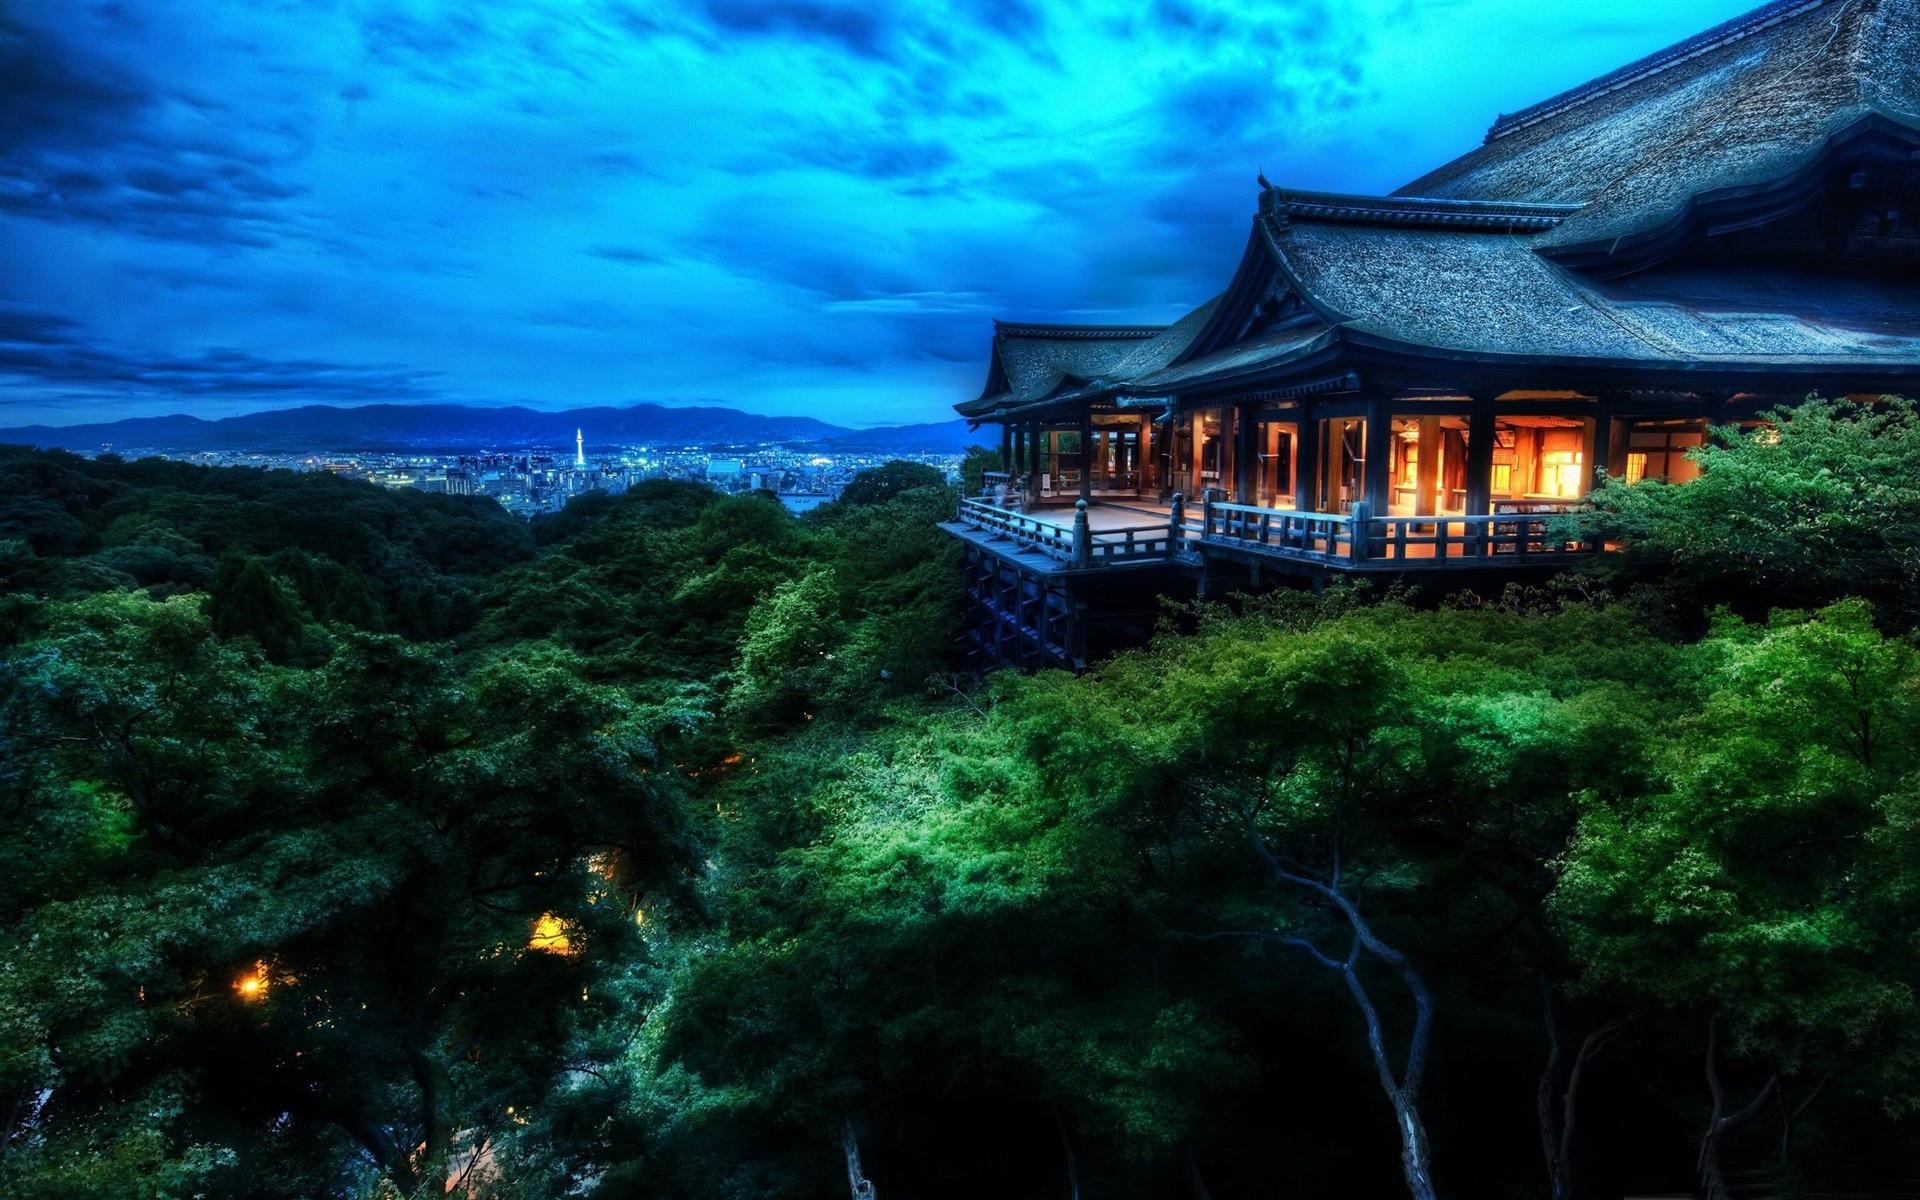 夜に 日本の風景壁紙プレビュー 10wallpaper Com